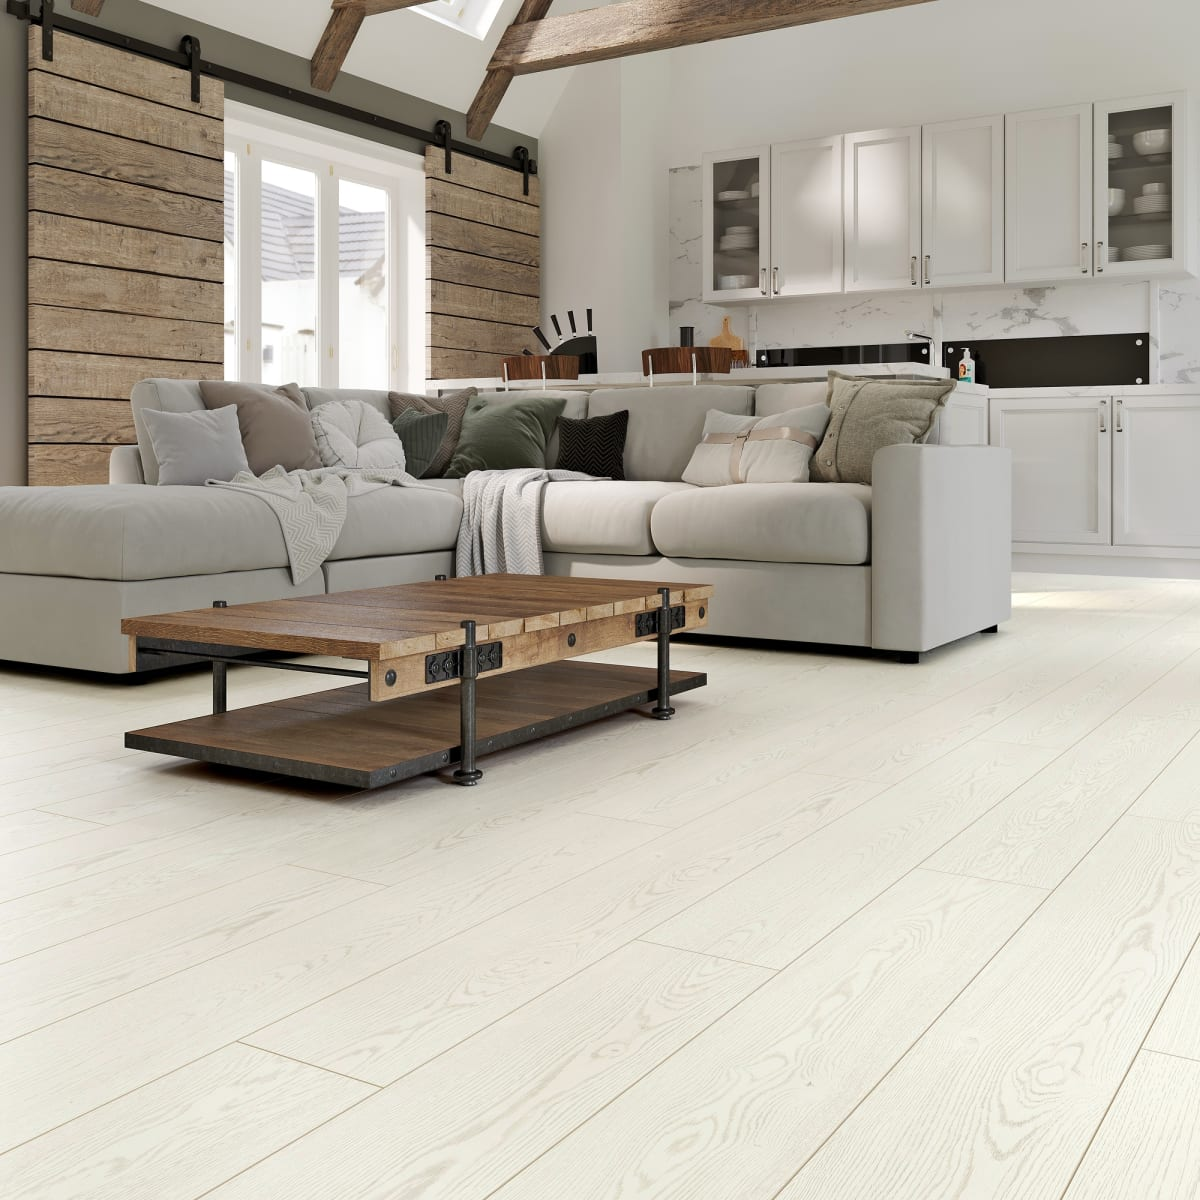 Ламинат Artens «Дуб Невада» 33 класс толщина 8 мм с фаской 2.131 м²